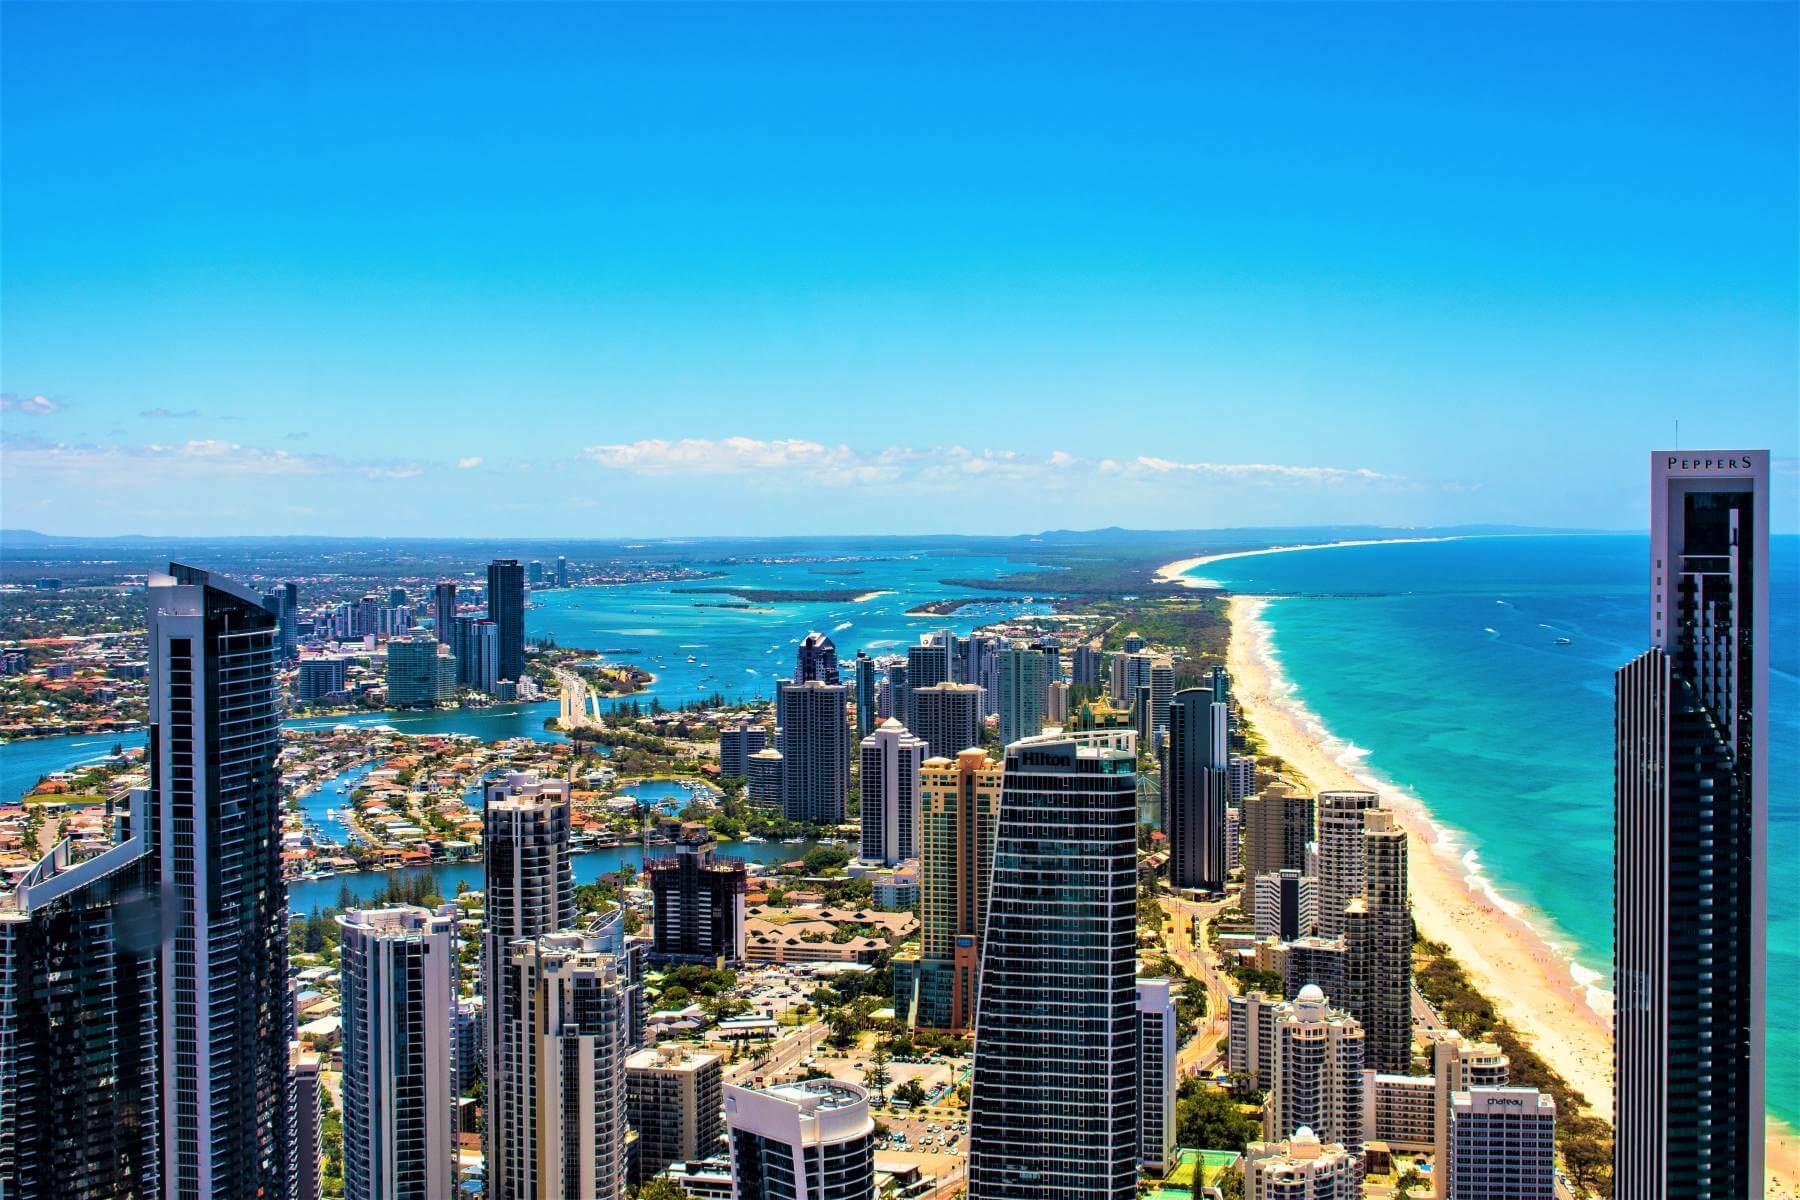 Blick auf die Gold Coast in Queensland